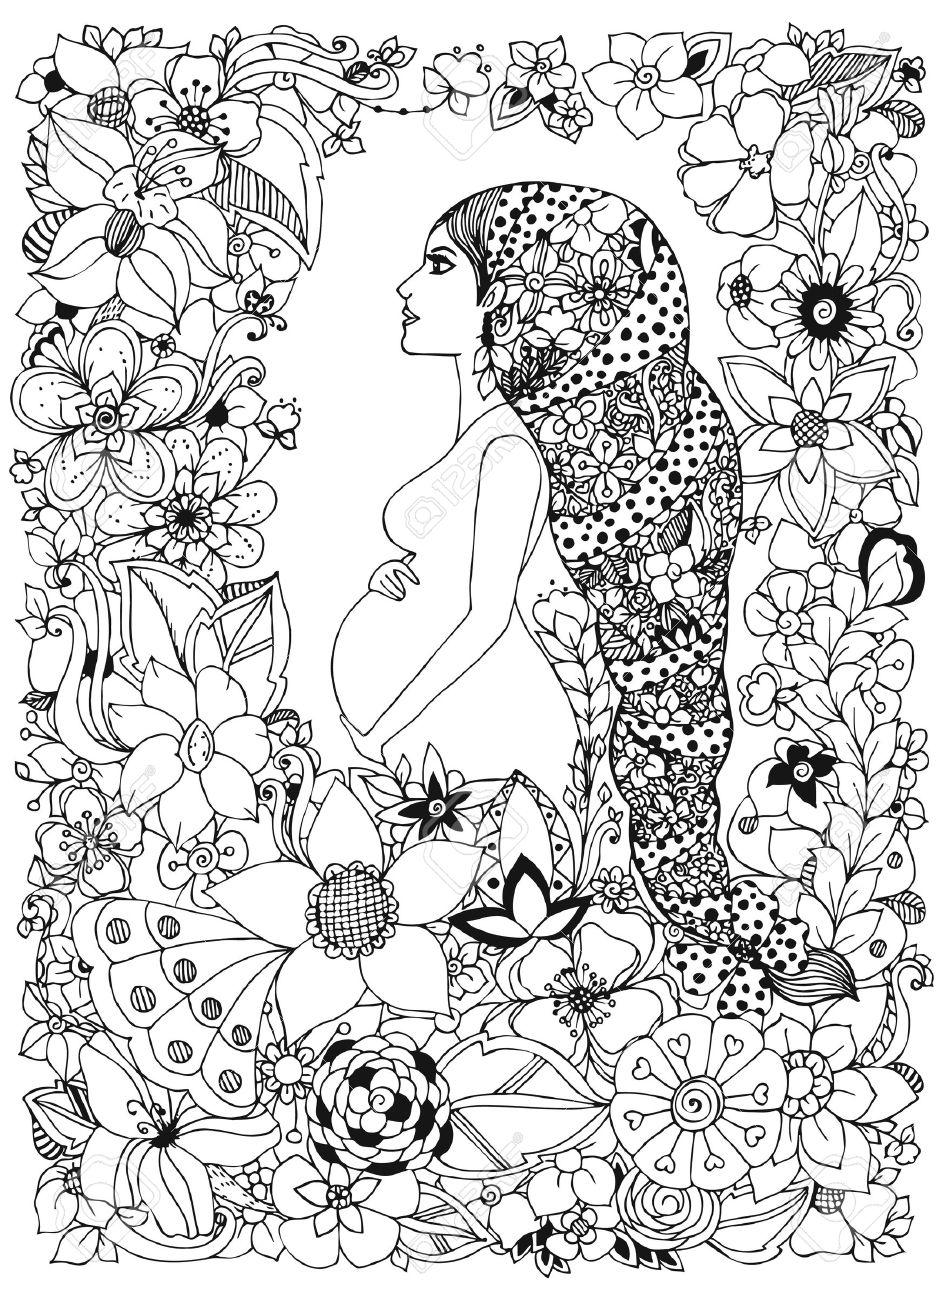 Vector Illustration Femme Enceinte Dans Un Cadre De Fleurs